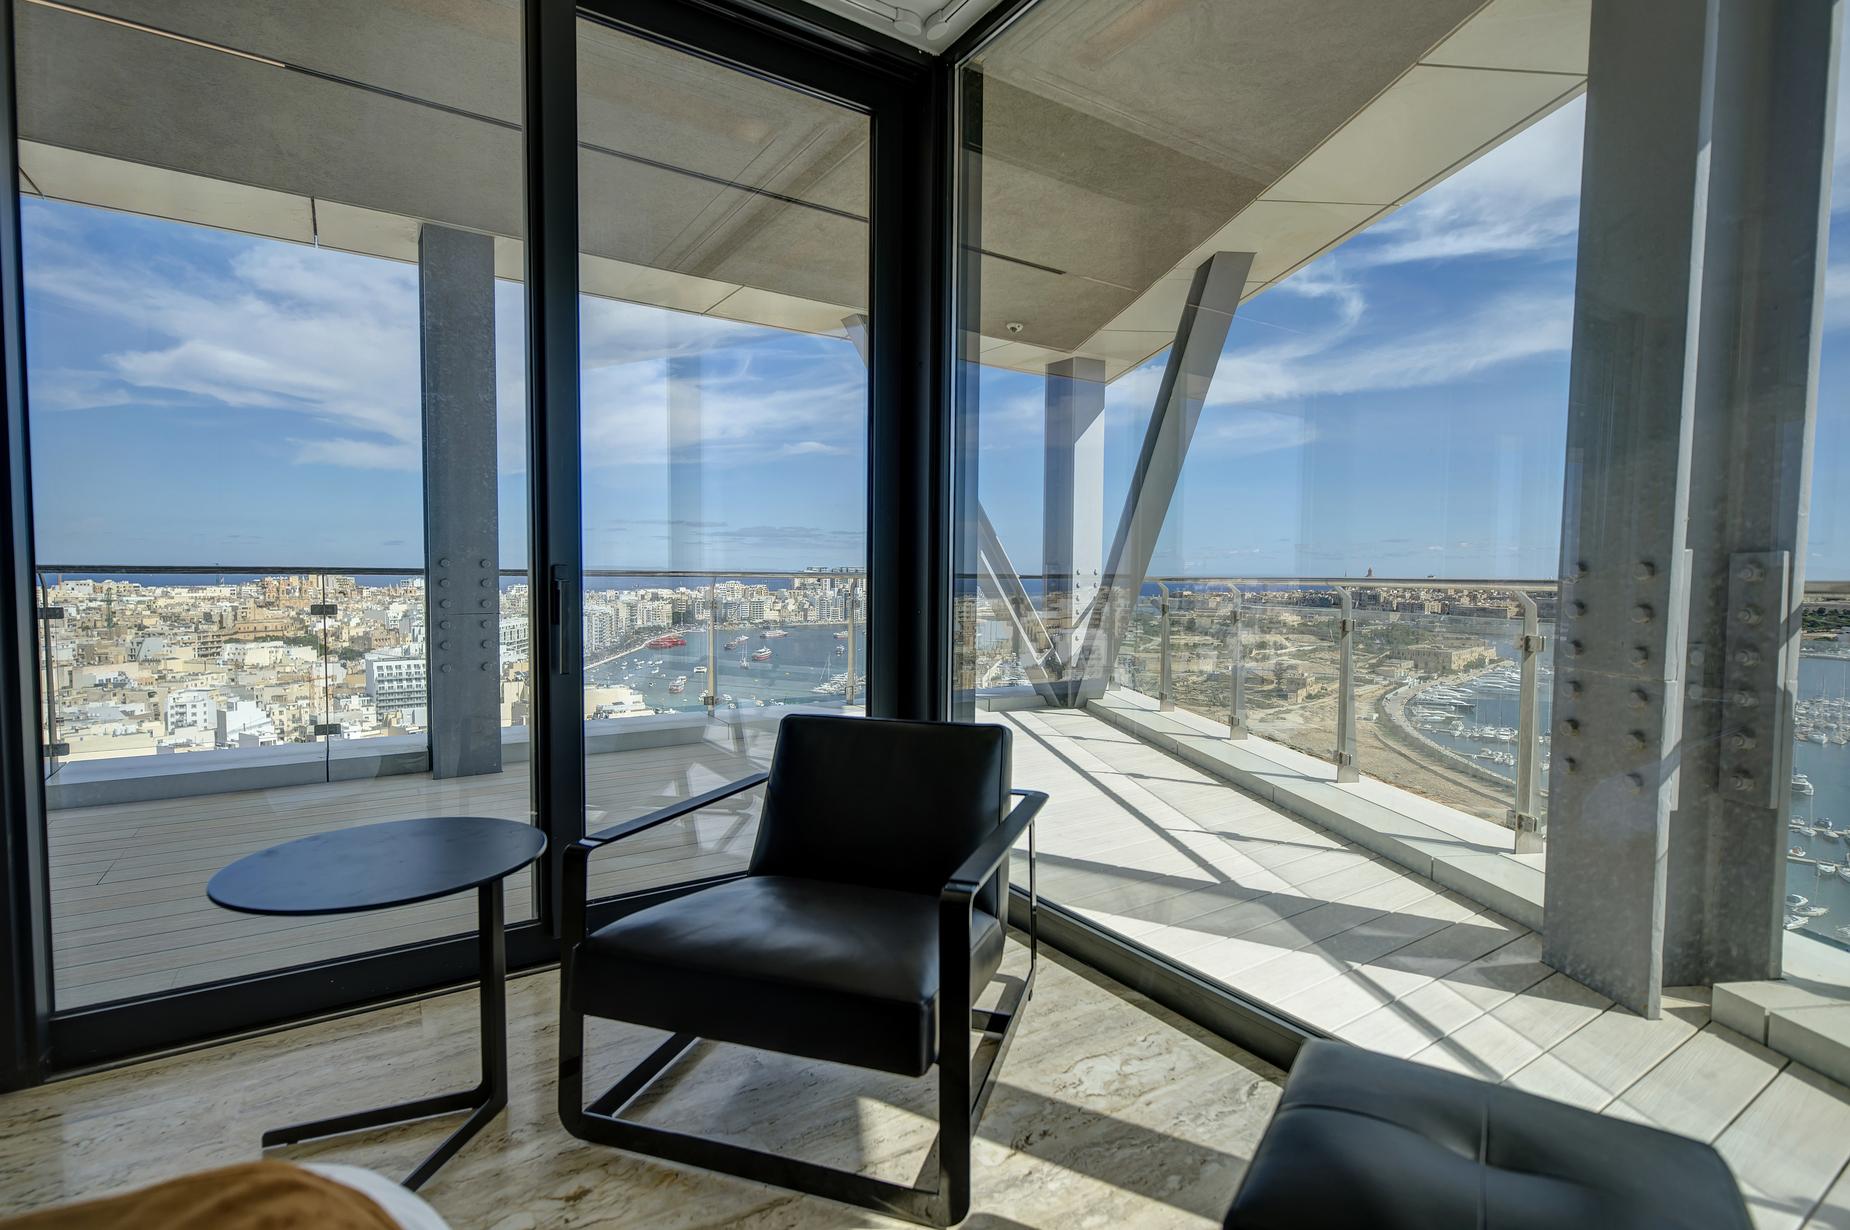 3 bed Apartment For Sale in Gzira, Gzira - thumb 15